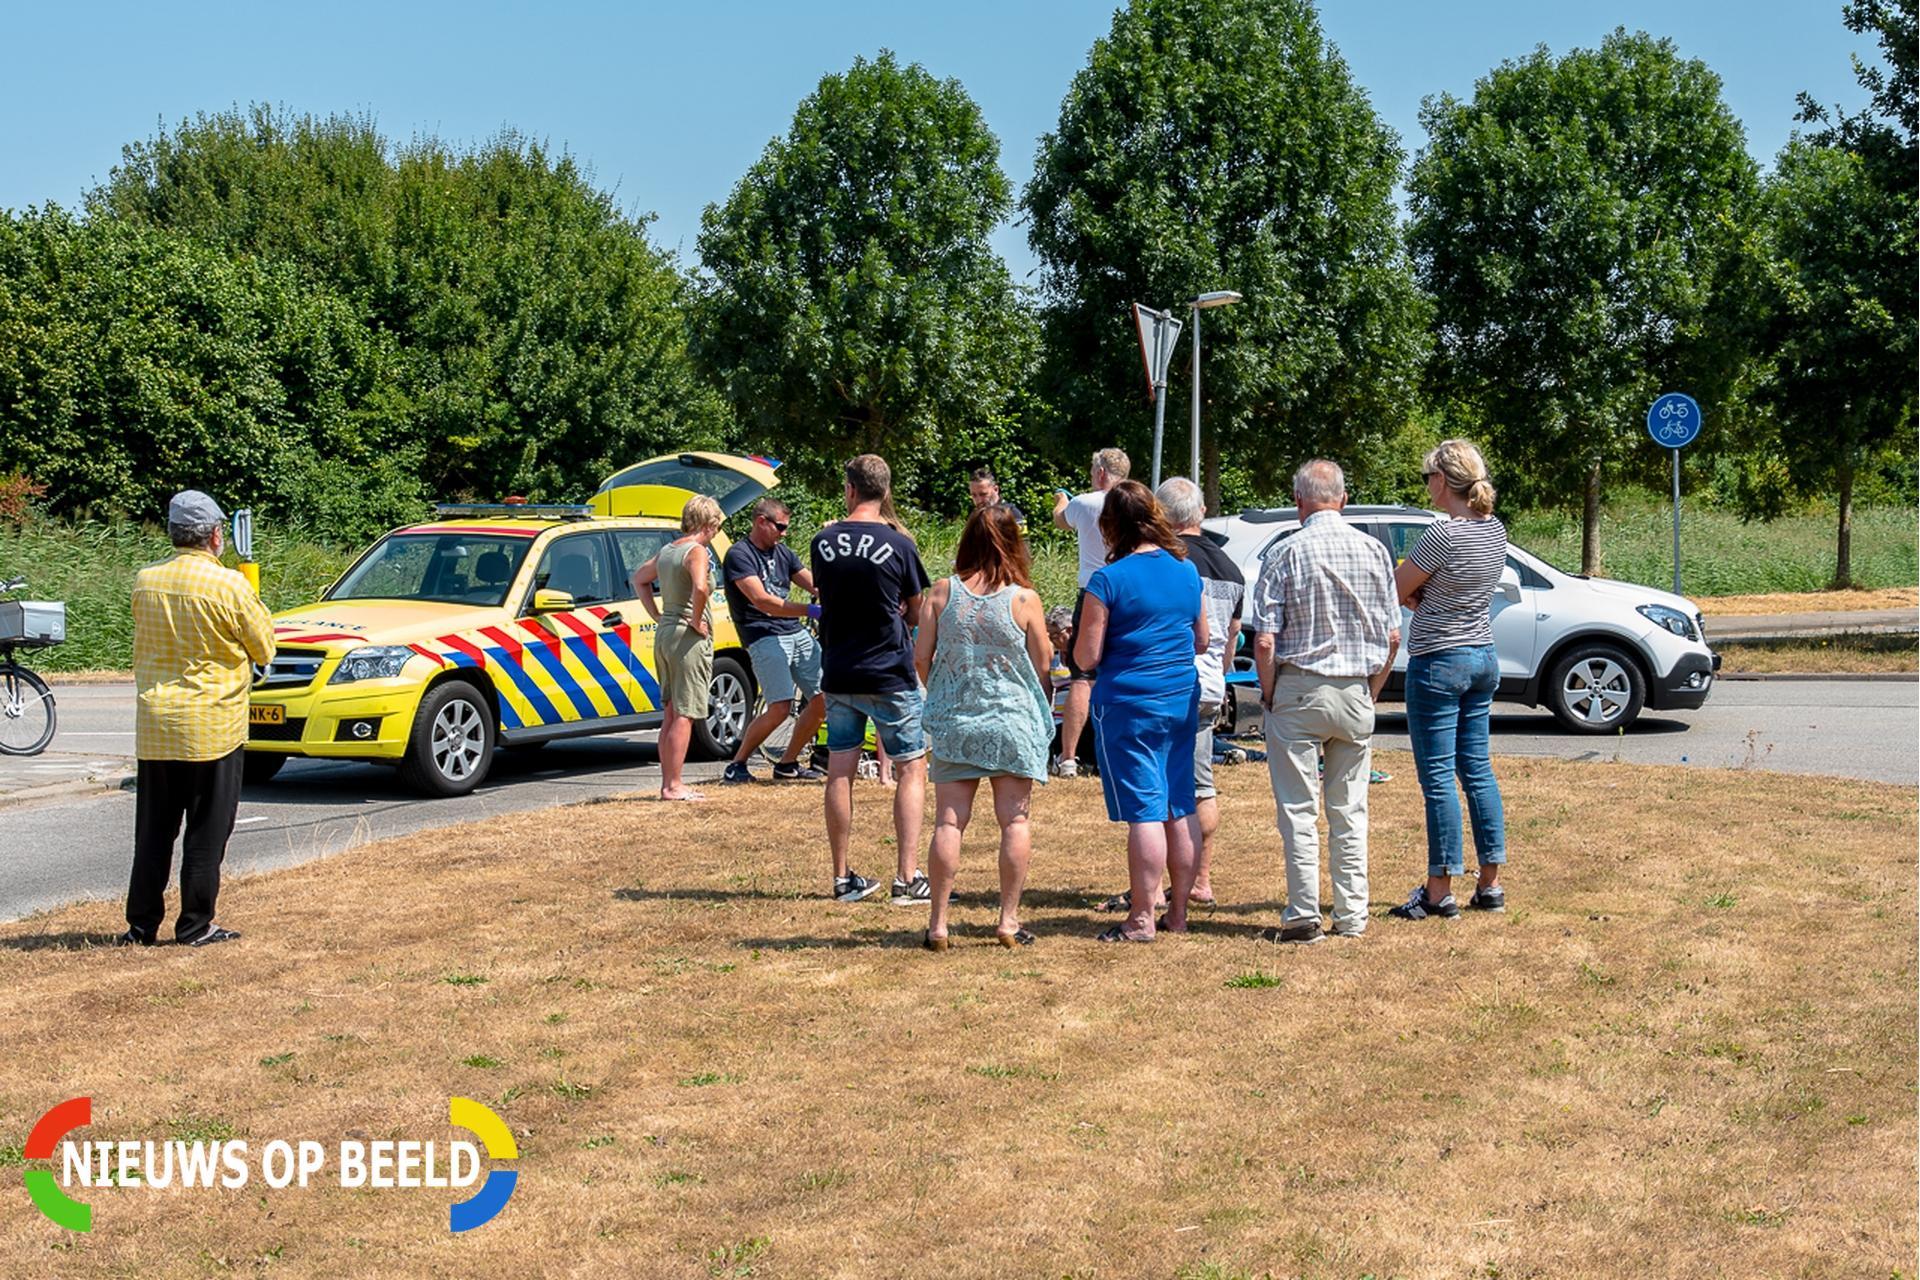 Twee gewonden bij ongeval tussen auto en scooter Zwaardijk Poortugaal